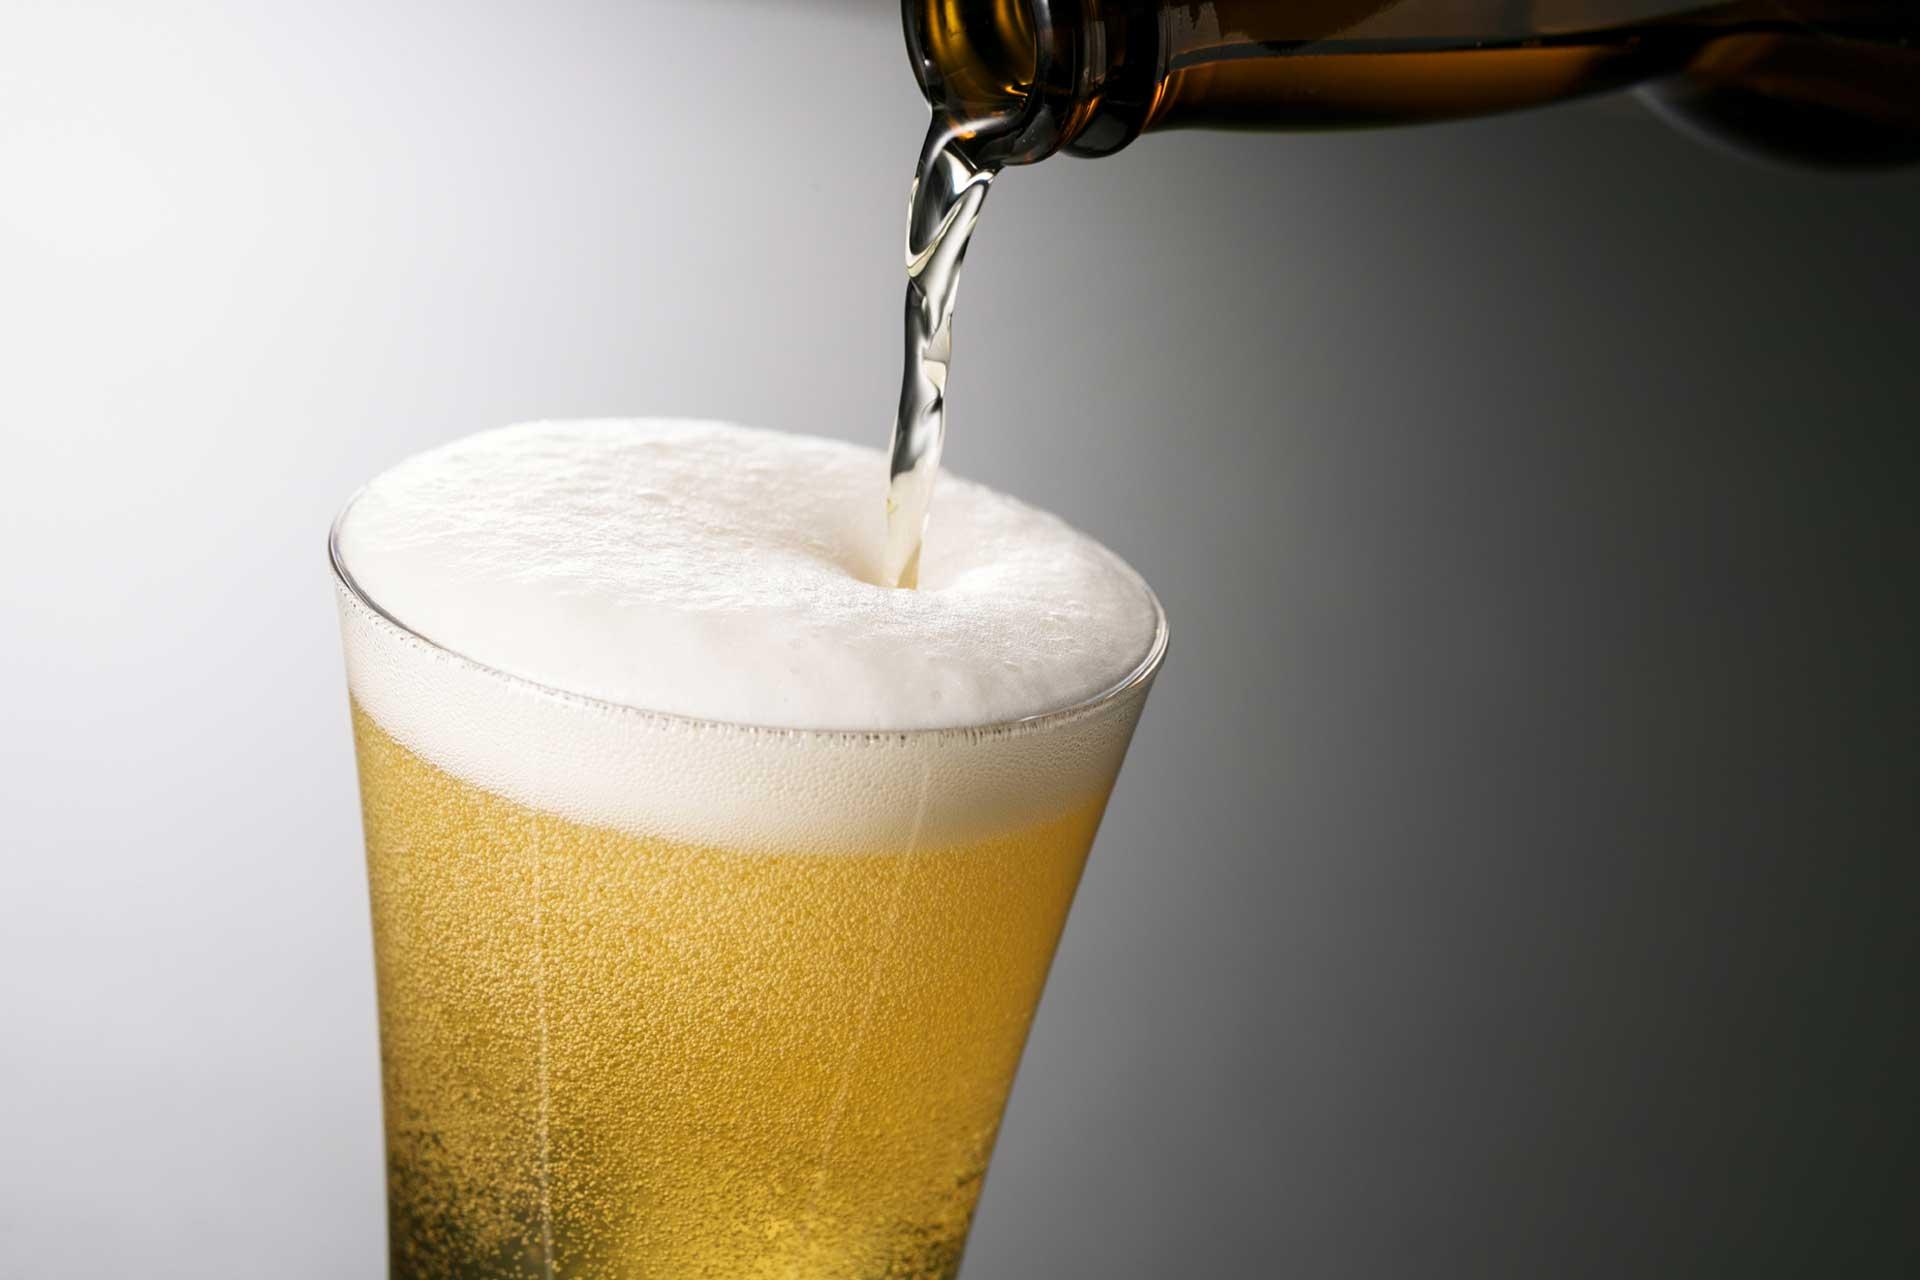 川場ビール4種詰め合わせセットの商品詳細イメージ-1440